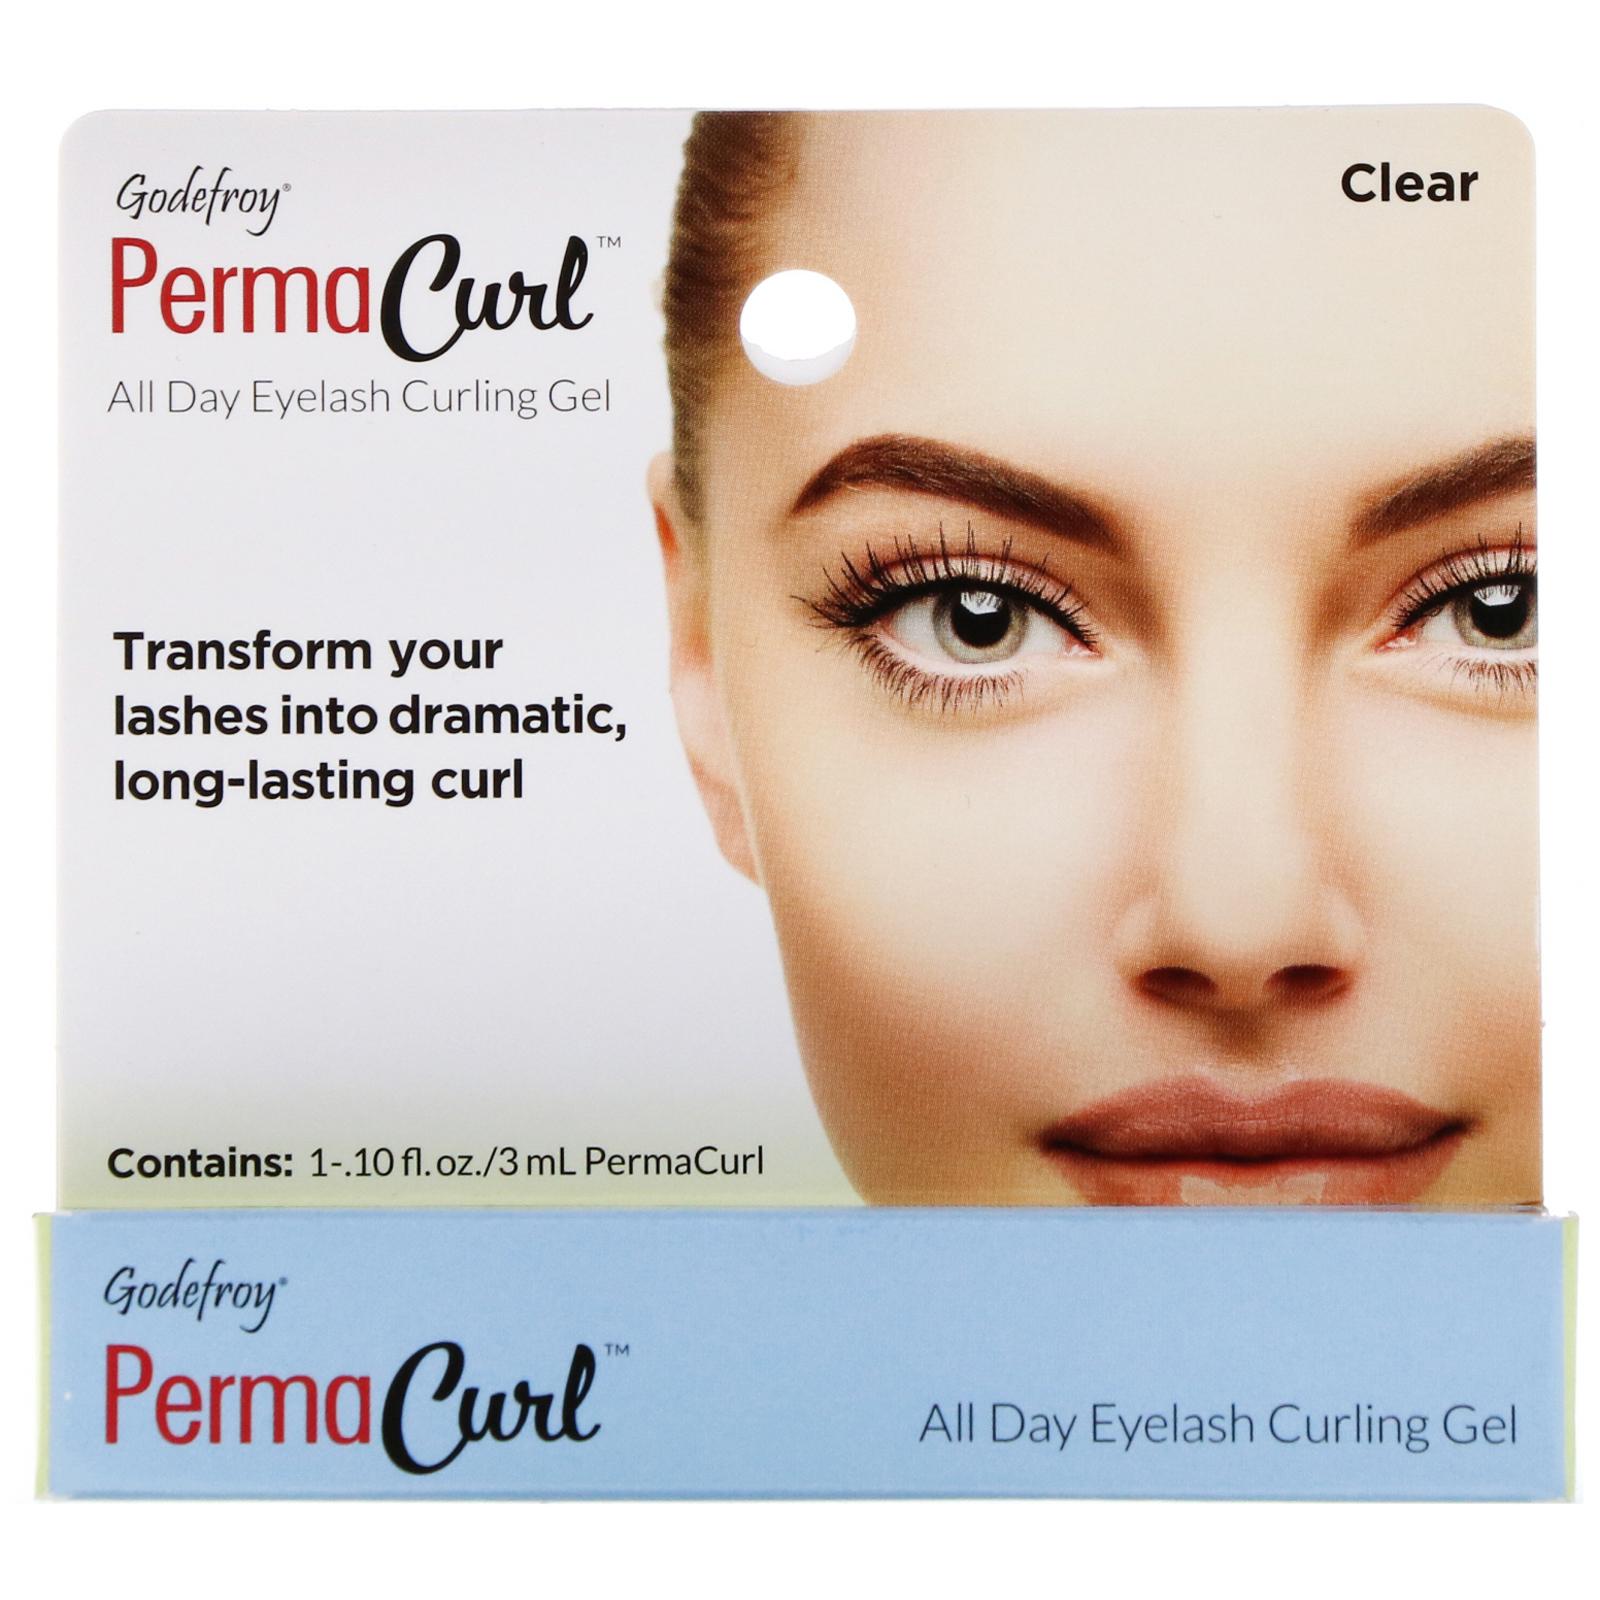 15b589a5eaa Godefroy, PermaCurl, All Day Eyelash Curling Gel, Clear, 0.10 fl oz (3 ml)